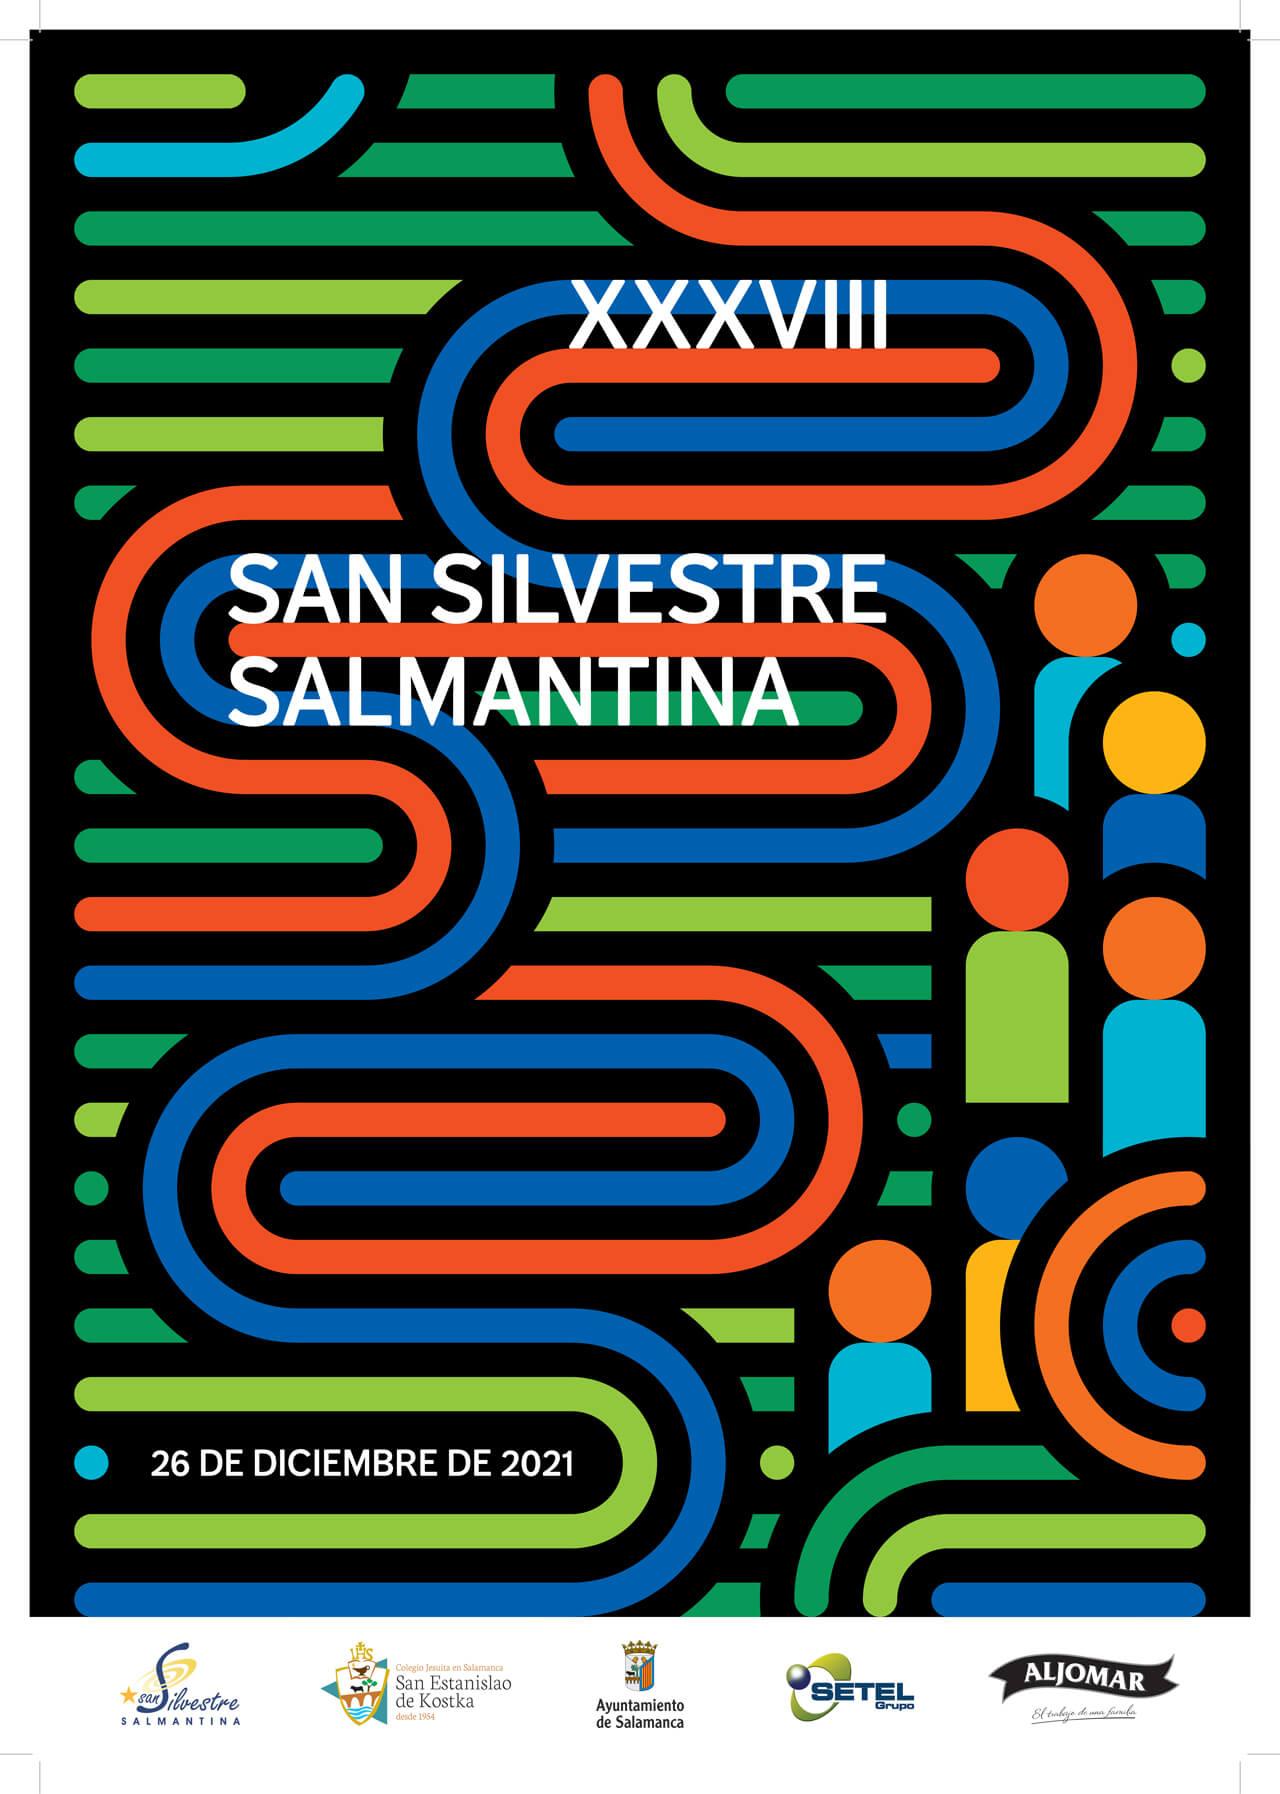 XXXVIII San Silvestre Salmantina